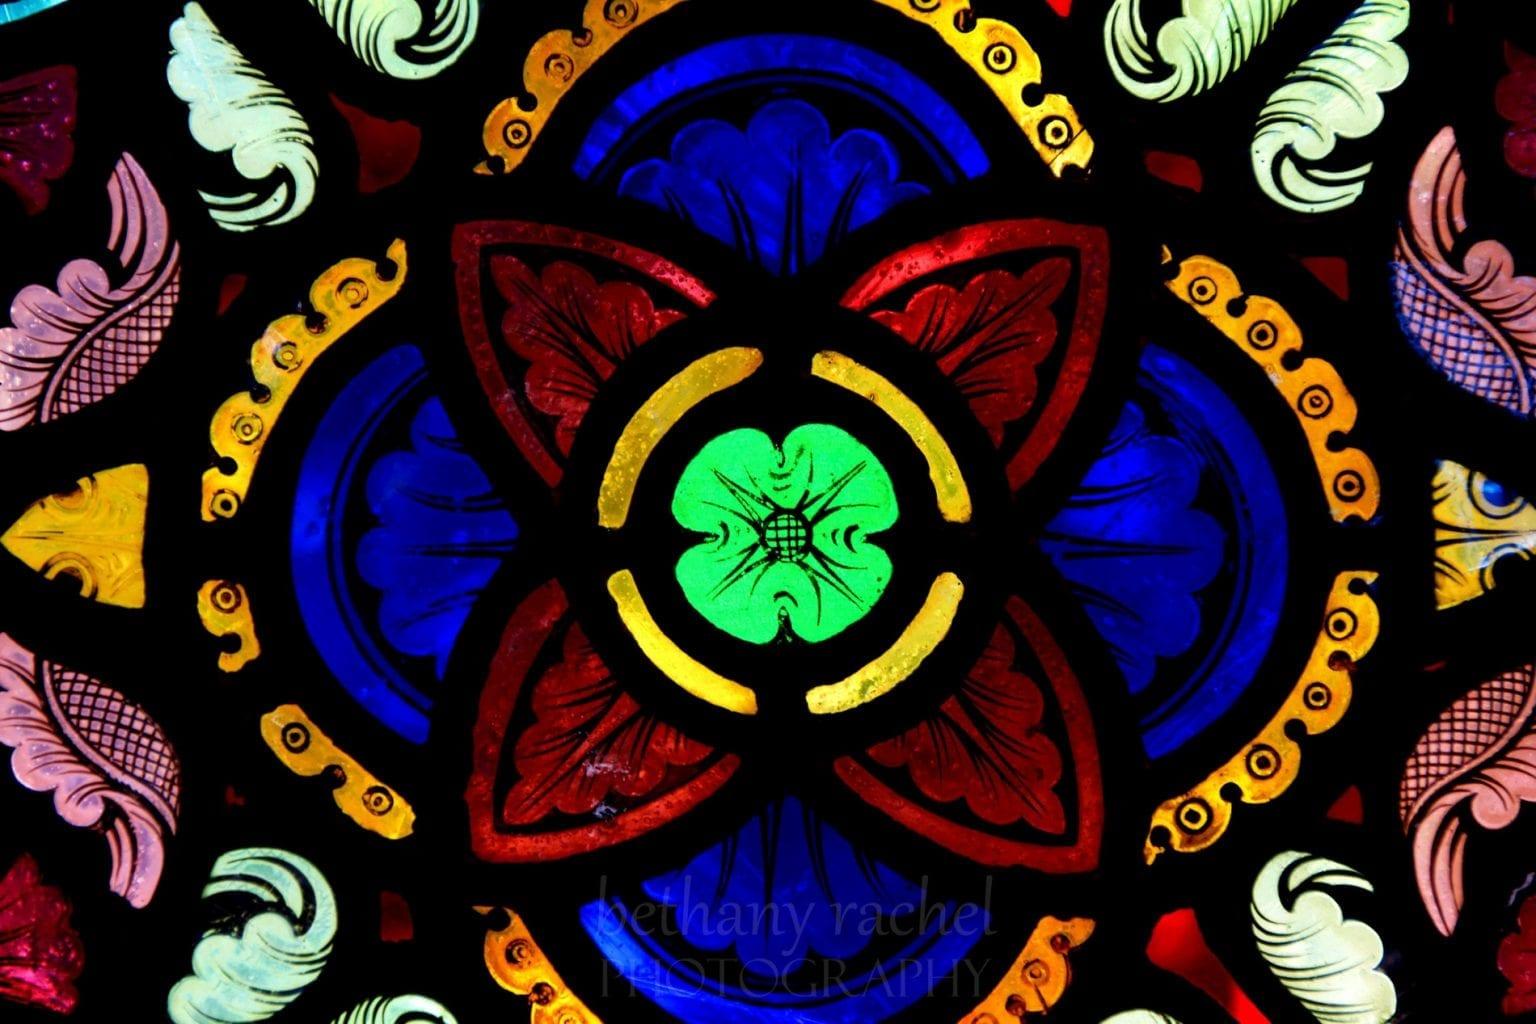 Deus Caritas est excerpts quotes Benedict XVI Joseph Ratzinger love charity eros romantic agape